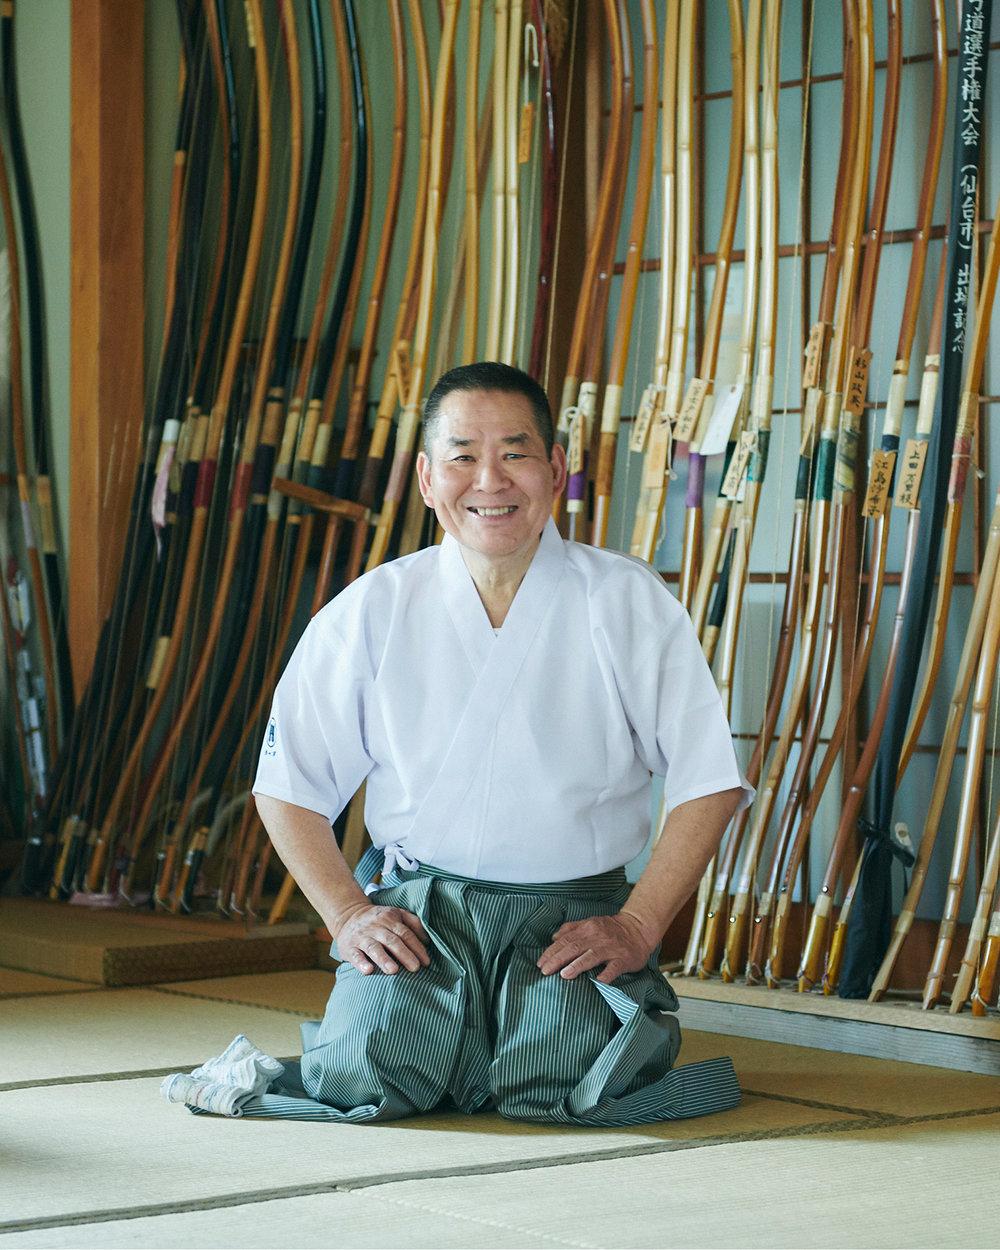 """弓道 : Japanese archery - """"The way of the bow"""", takes great mental and physical strength. Try your hand at kyudo with our host, Hiroshi."""